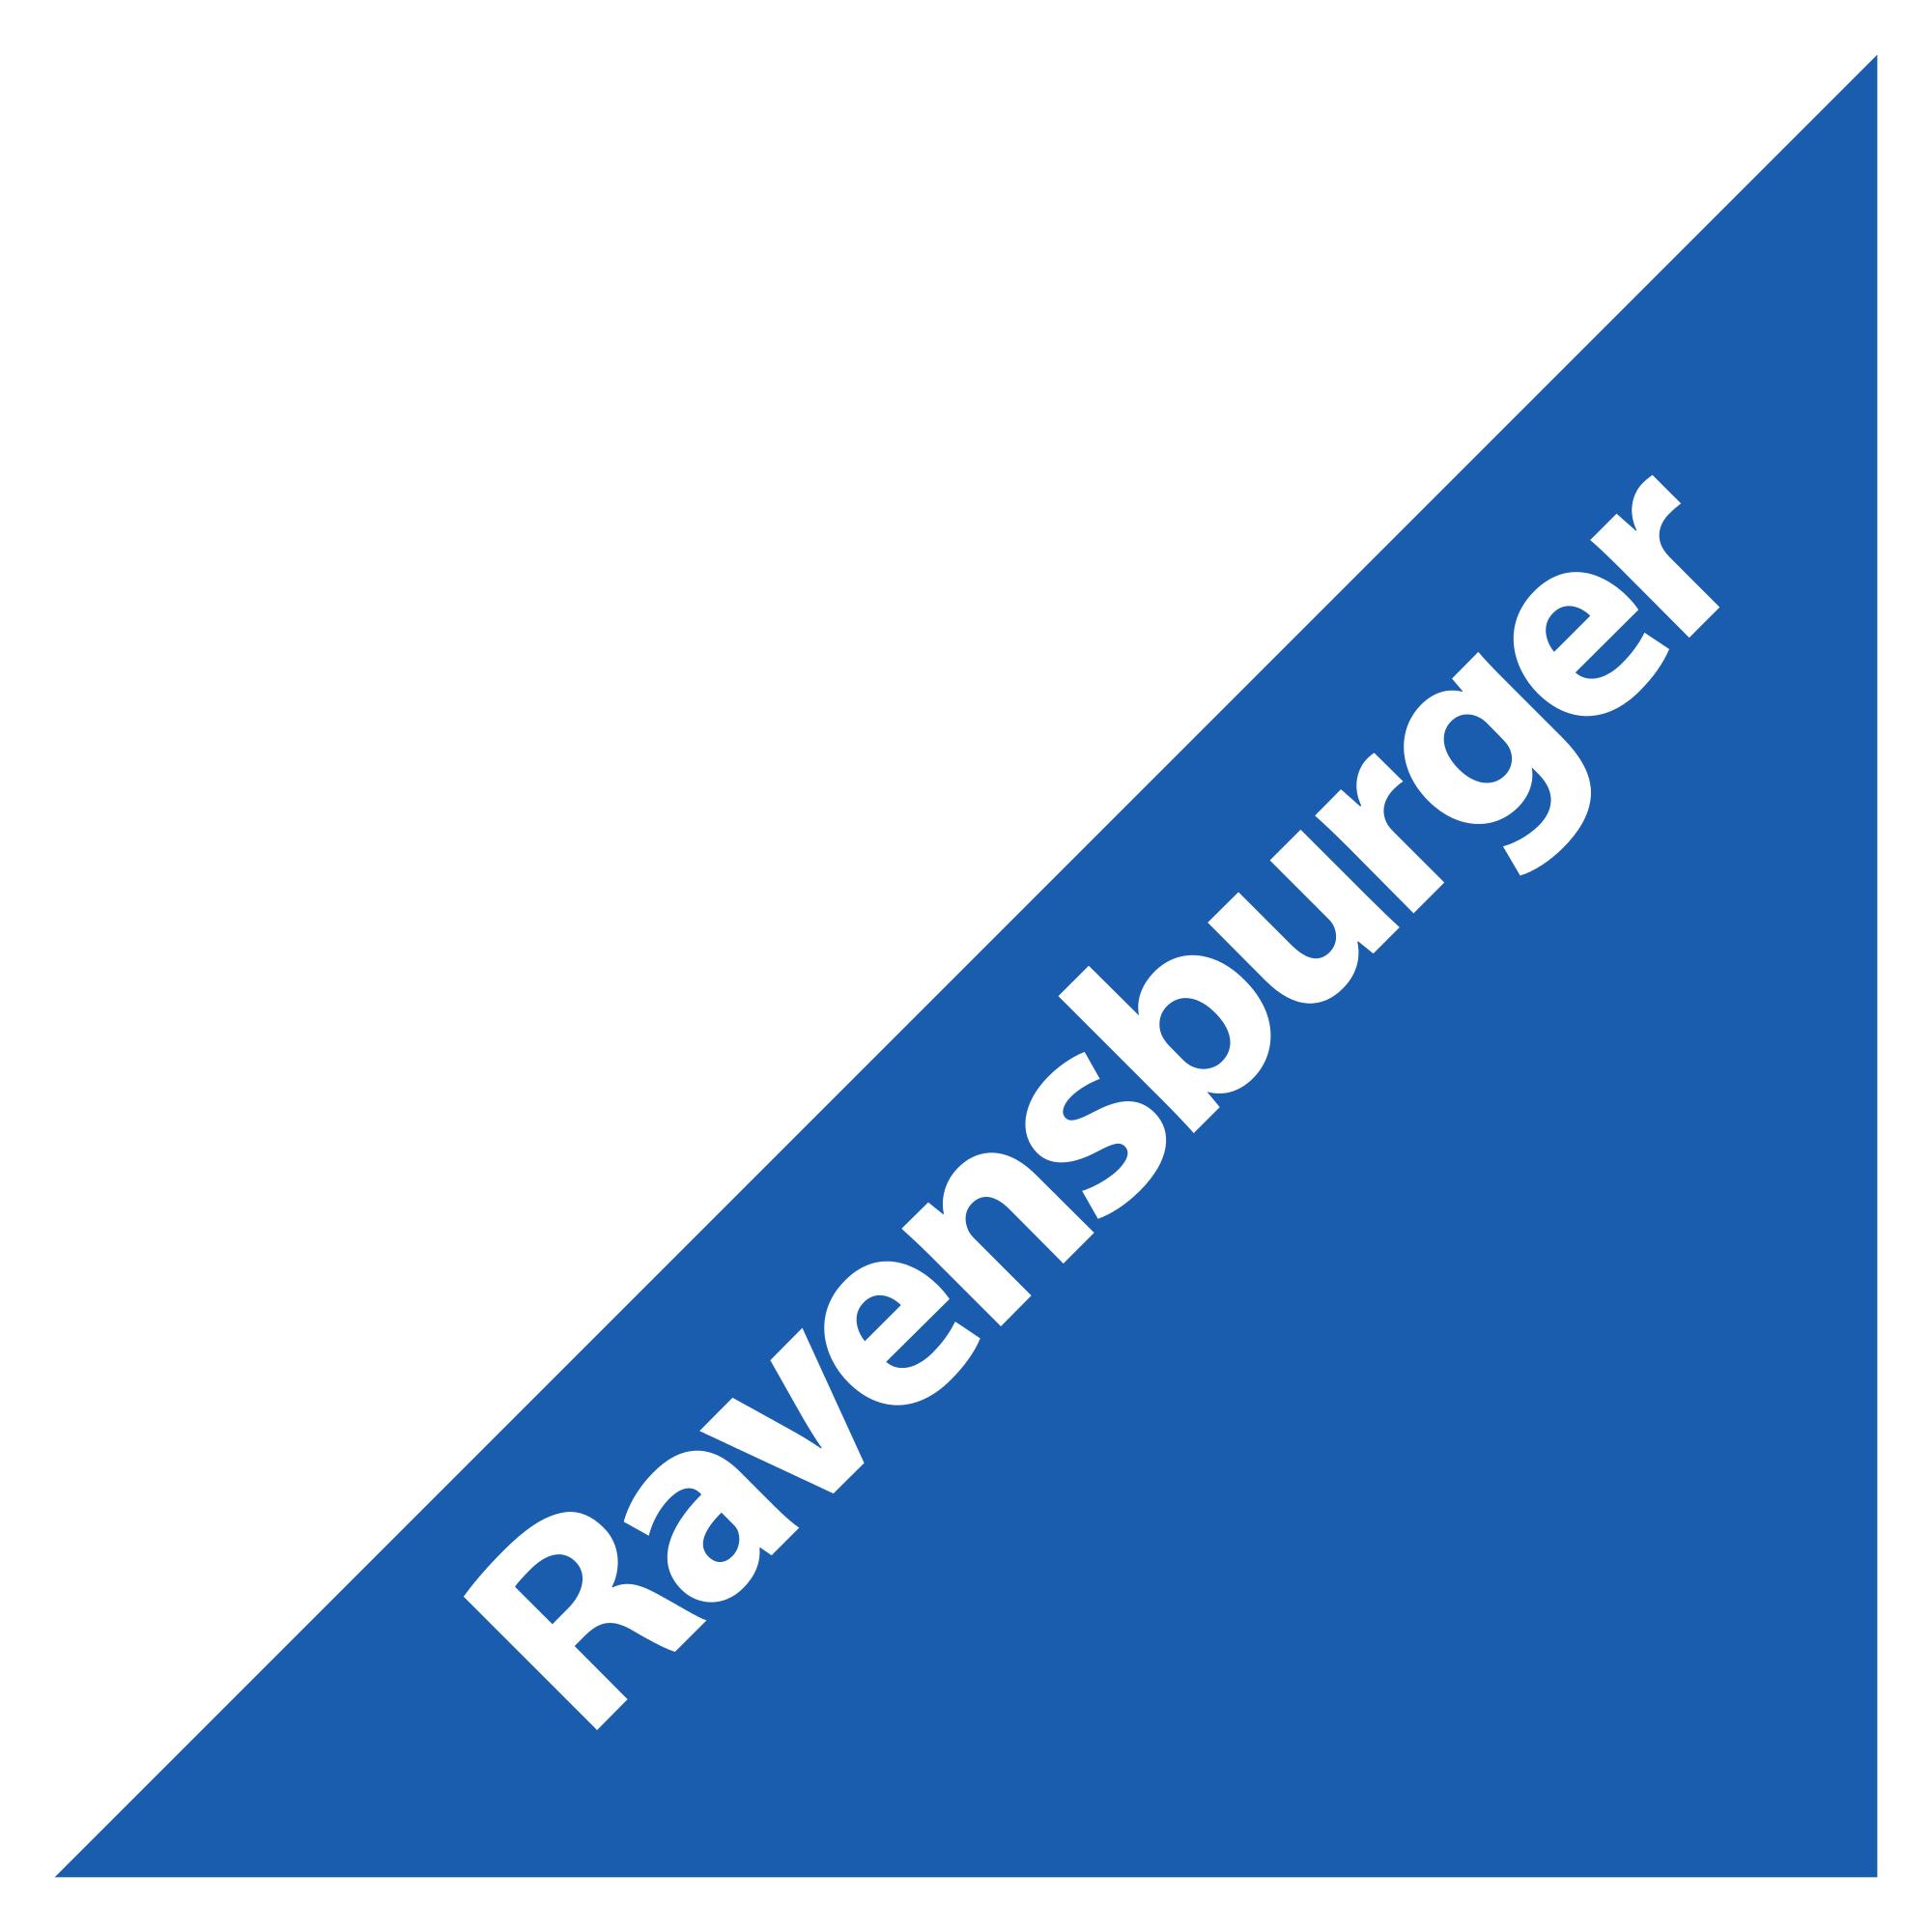 Ravensburger Games App Sale [Android] €0,59 - €0,99 (Alleen vandaag nog!)